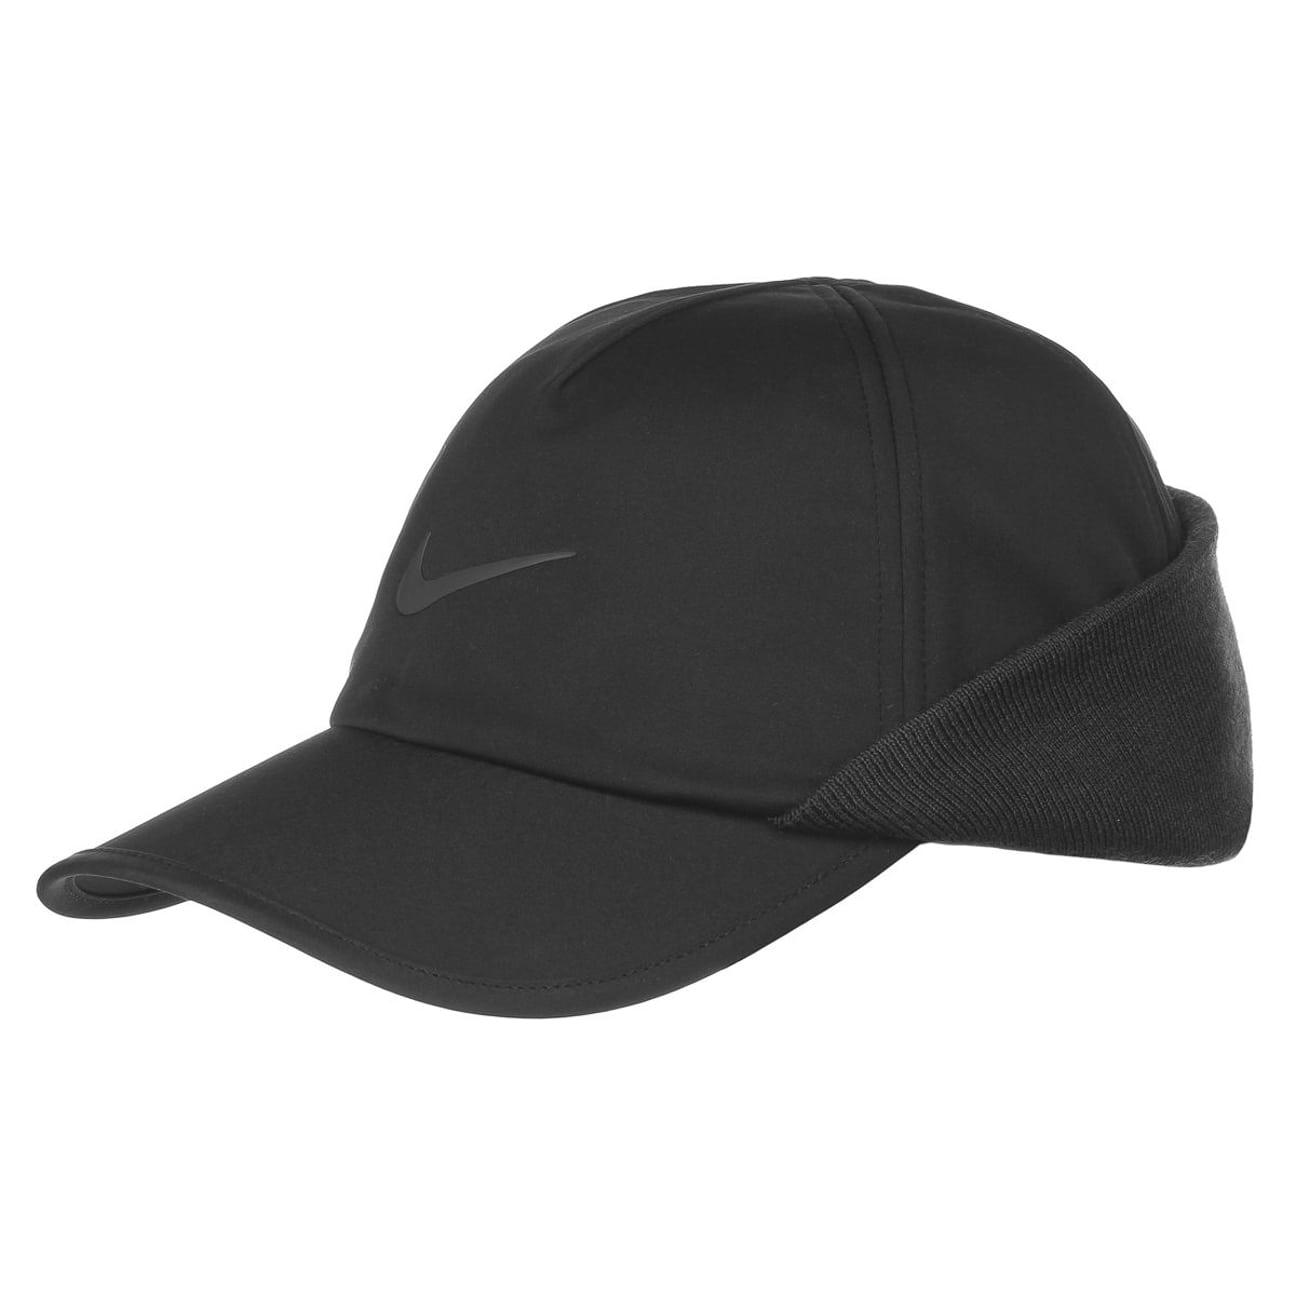 Gorra de Béisbol Winter Protect by Nike - Gorras - sombreroshop.es 4f0d3f3a0fb